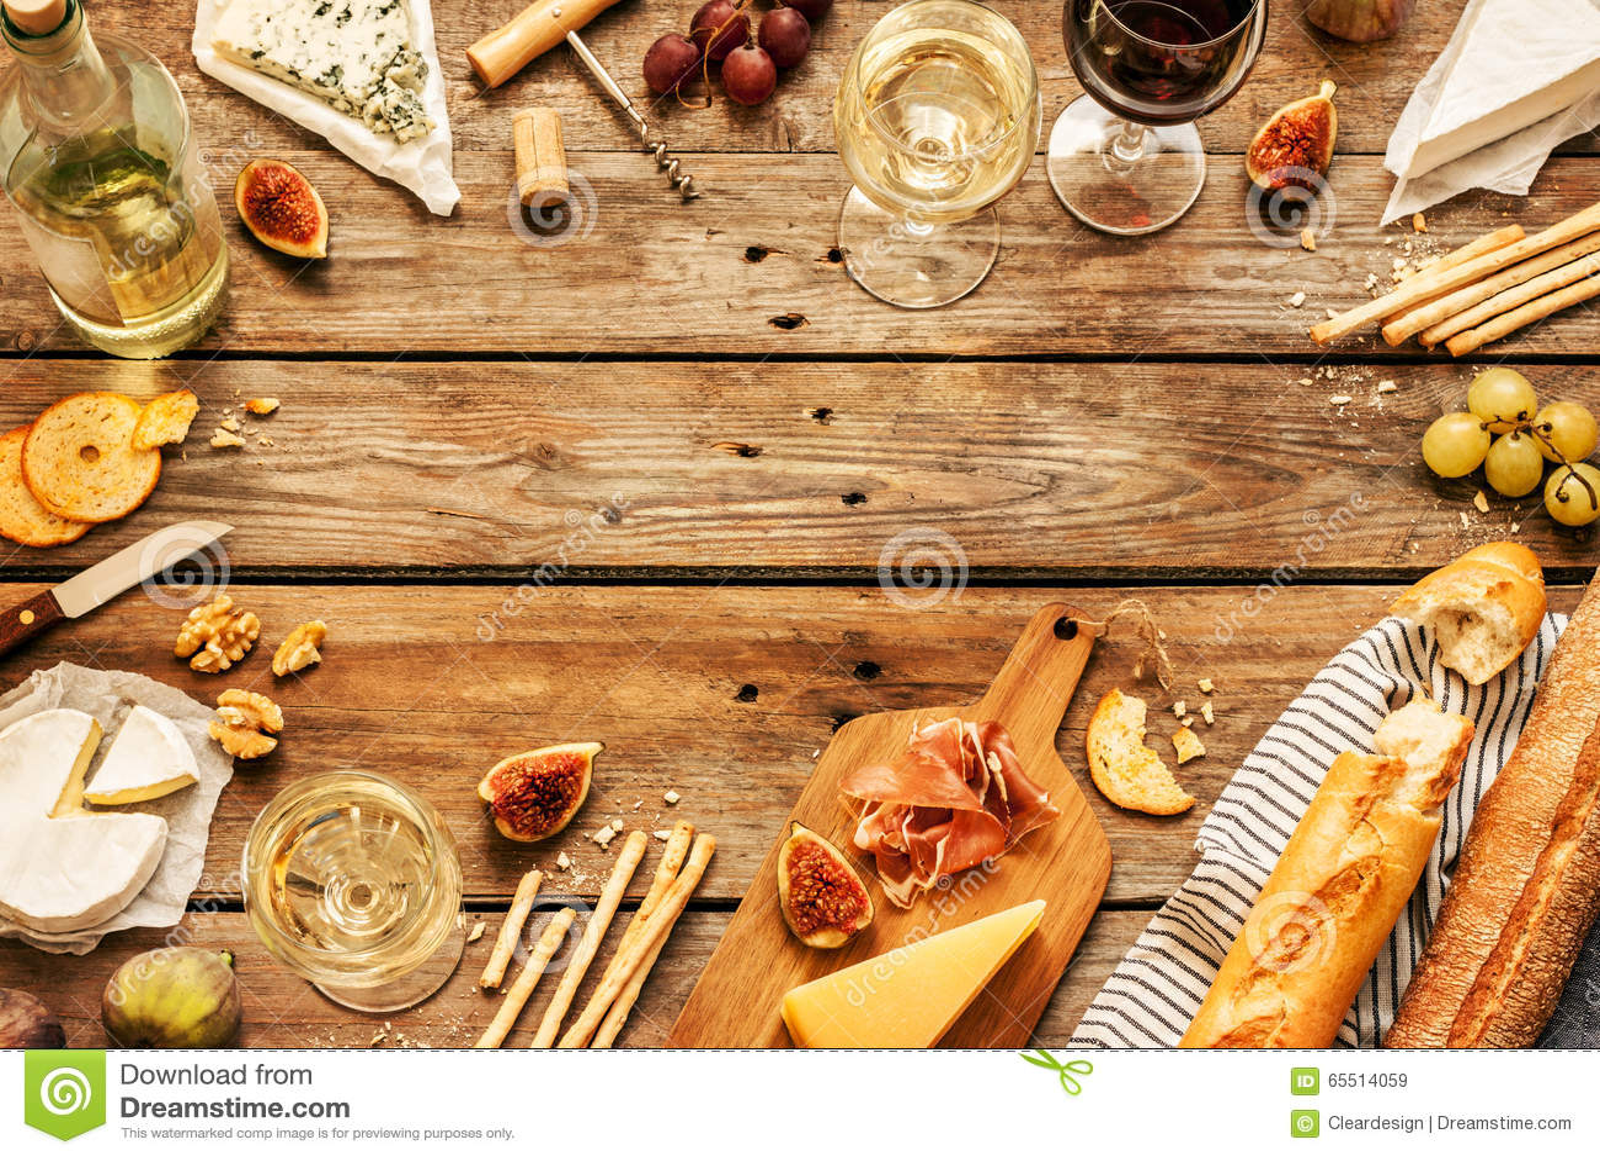 Различные виды сыров, вина, багетов, плодоовощей и закусок